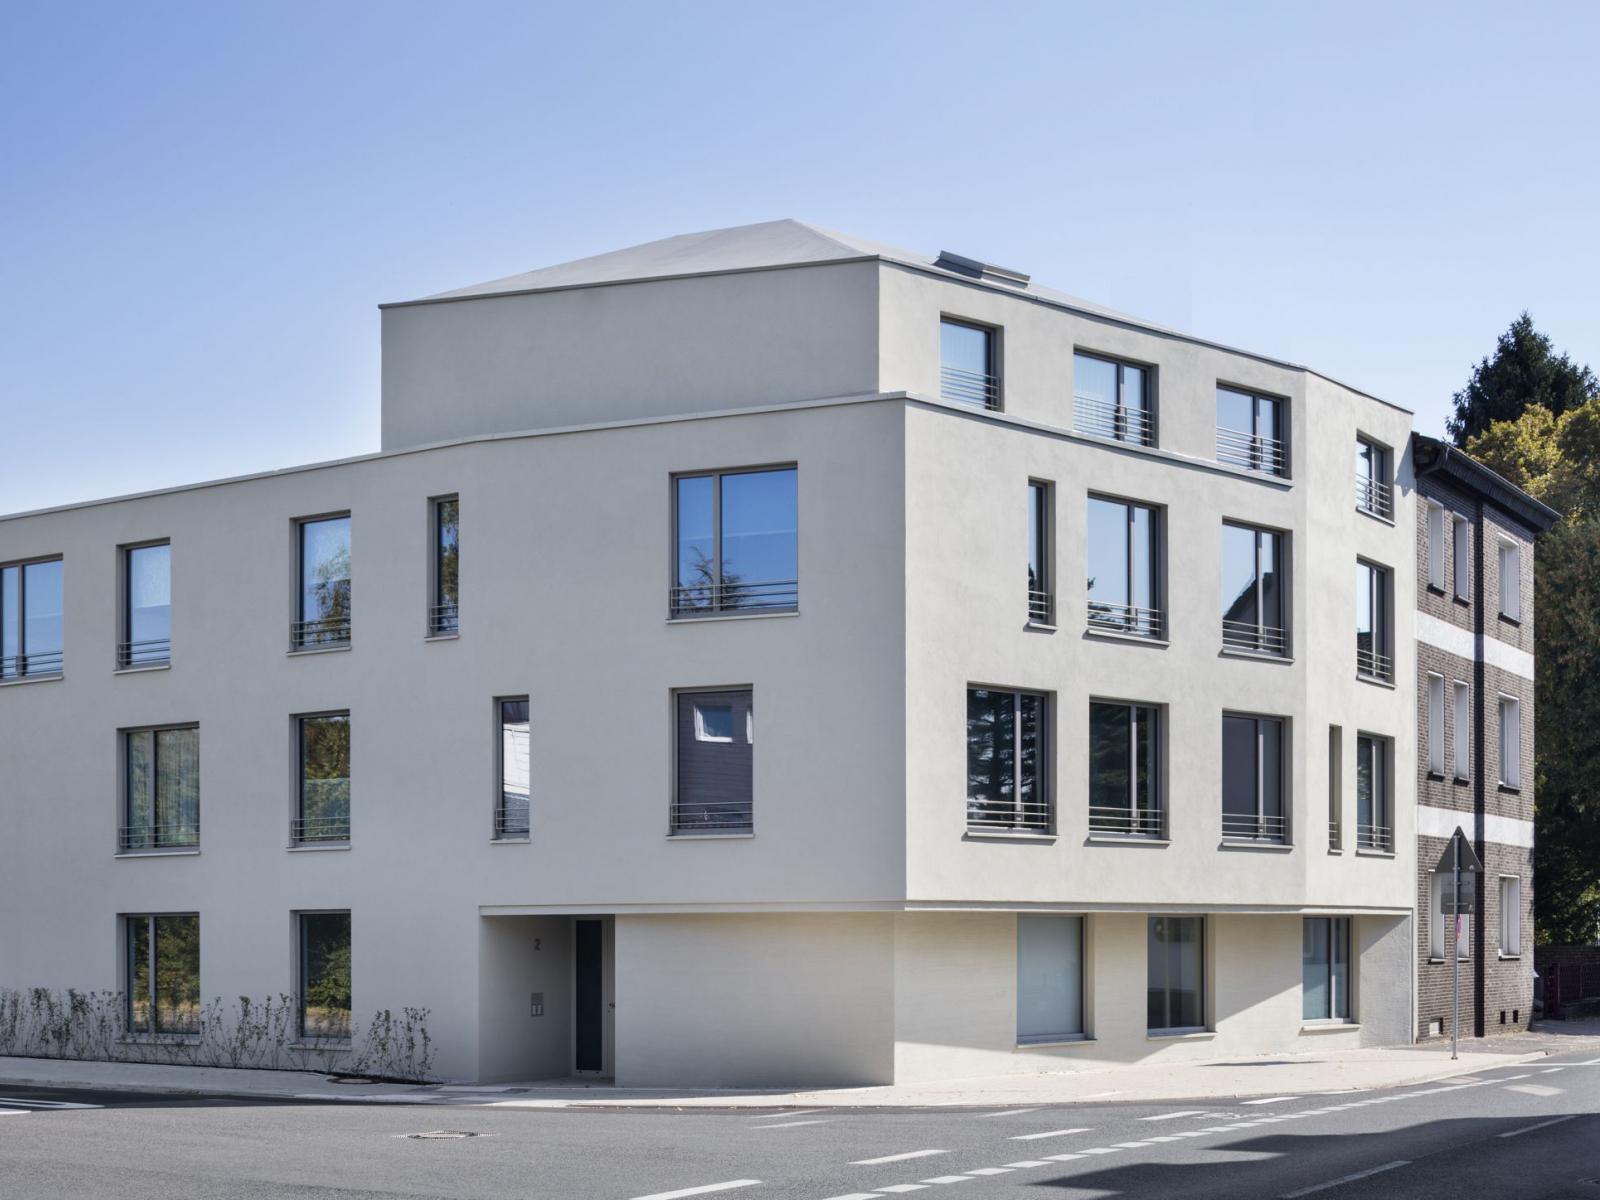 Rollstuhlgerechtes Wohnen Feuerwehrhaus Fassadenecke